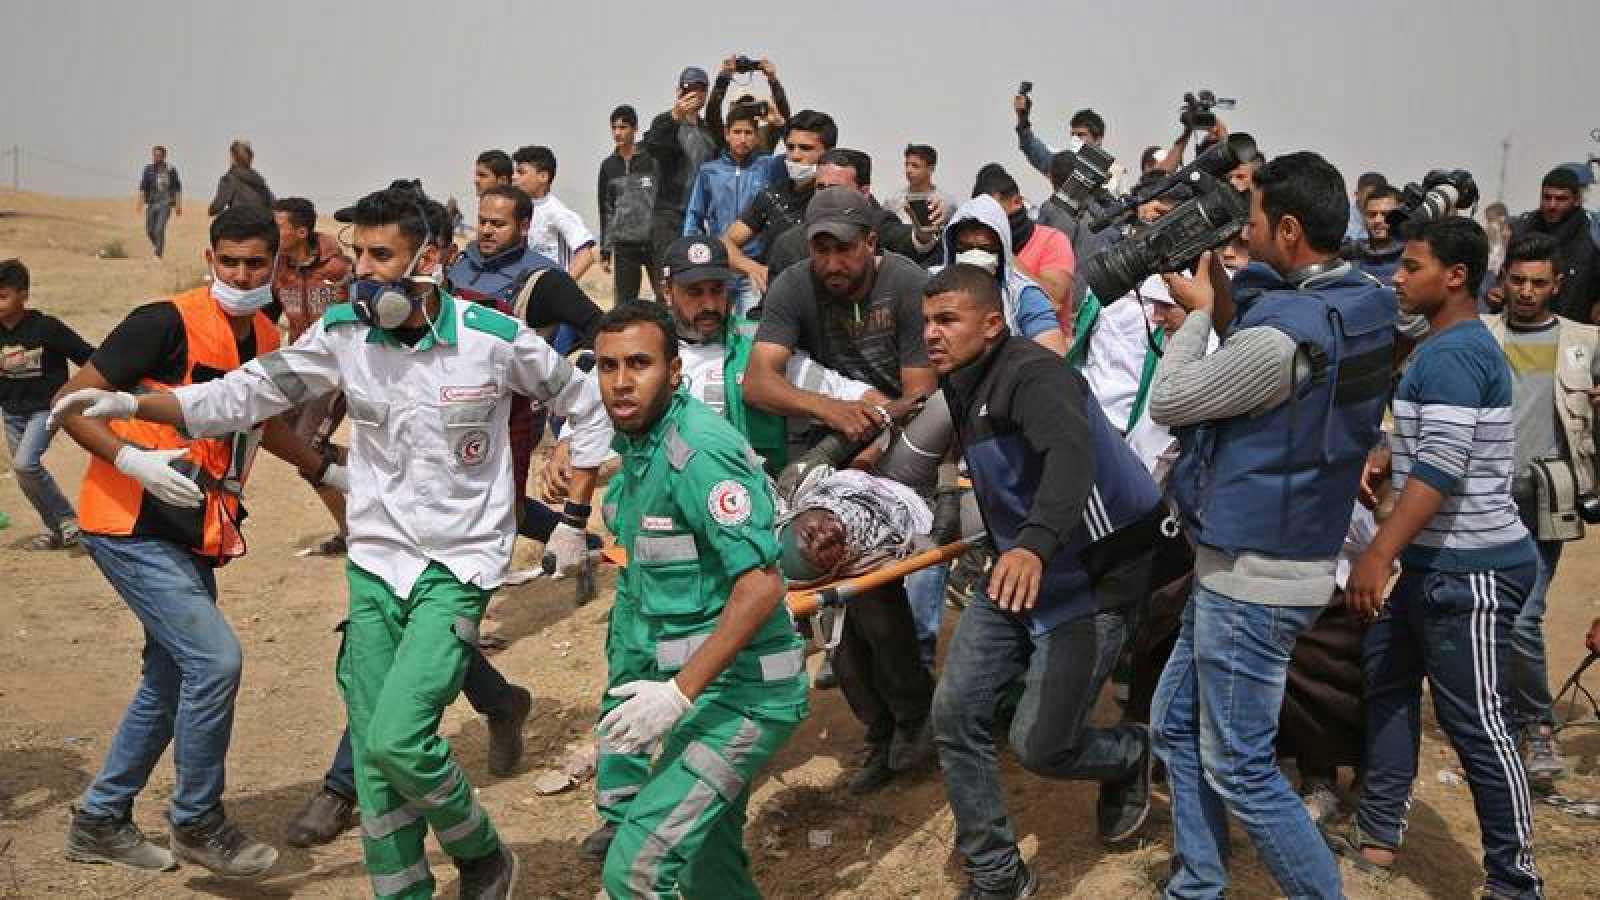 Paramédicos palestinos asisten a una herida durante un enfrentamiento con el Ejército israelí en Gaza